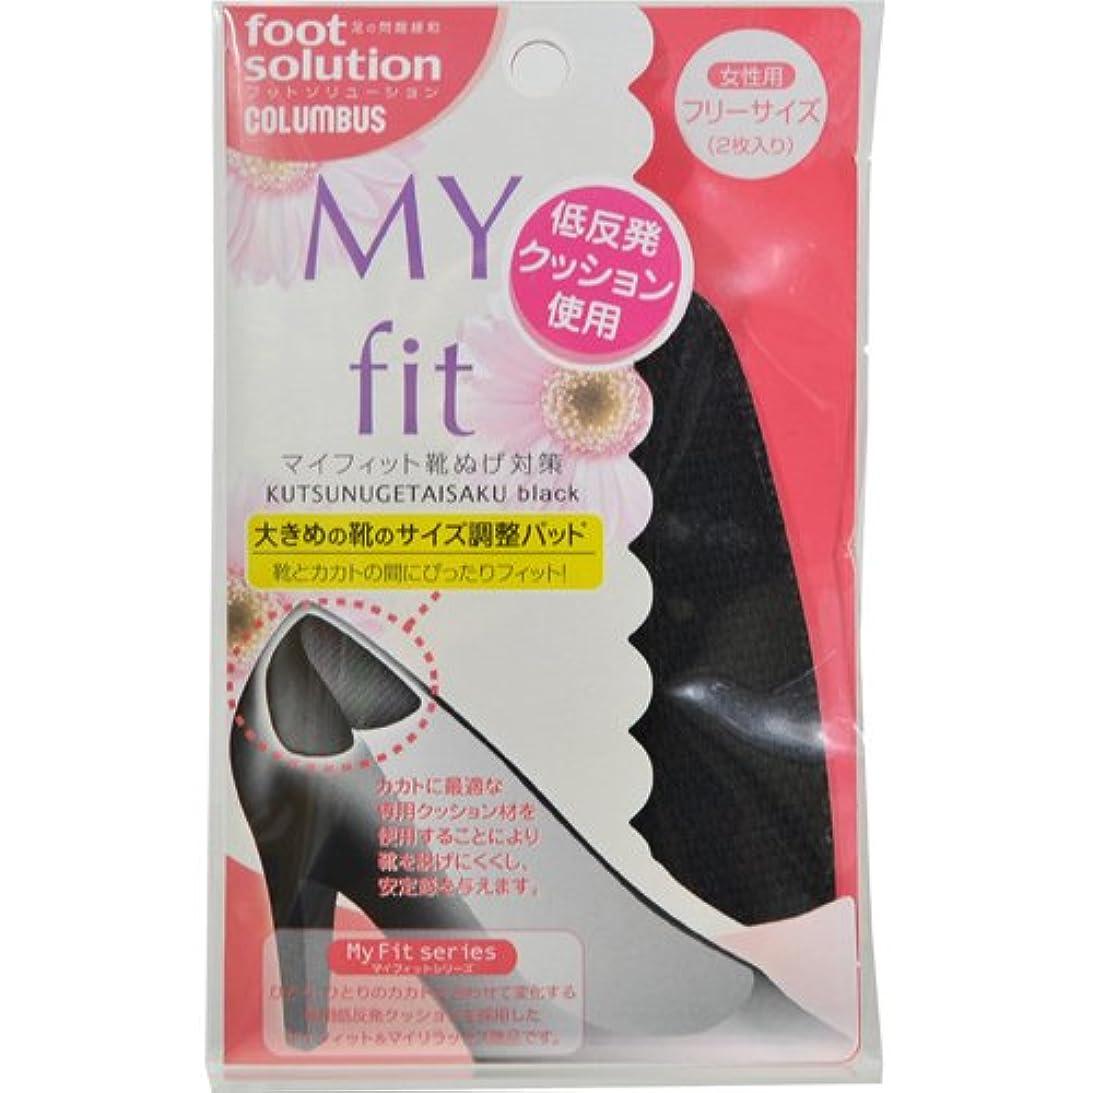 コマンド製造業寄り添うコロンブス フットソリューション マイフィット 靴ぬげ対策 ブラック 1足分 (2枚入り)